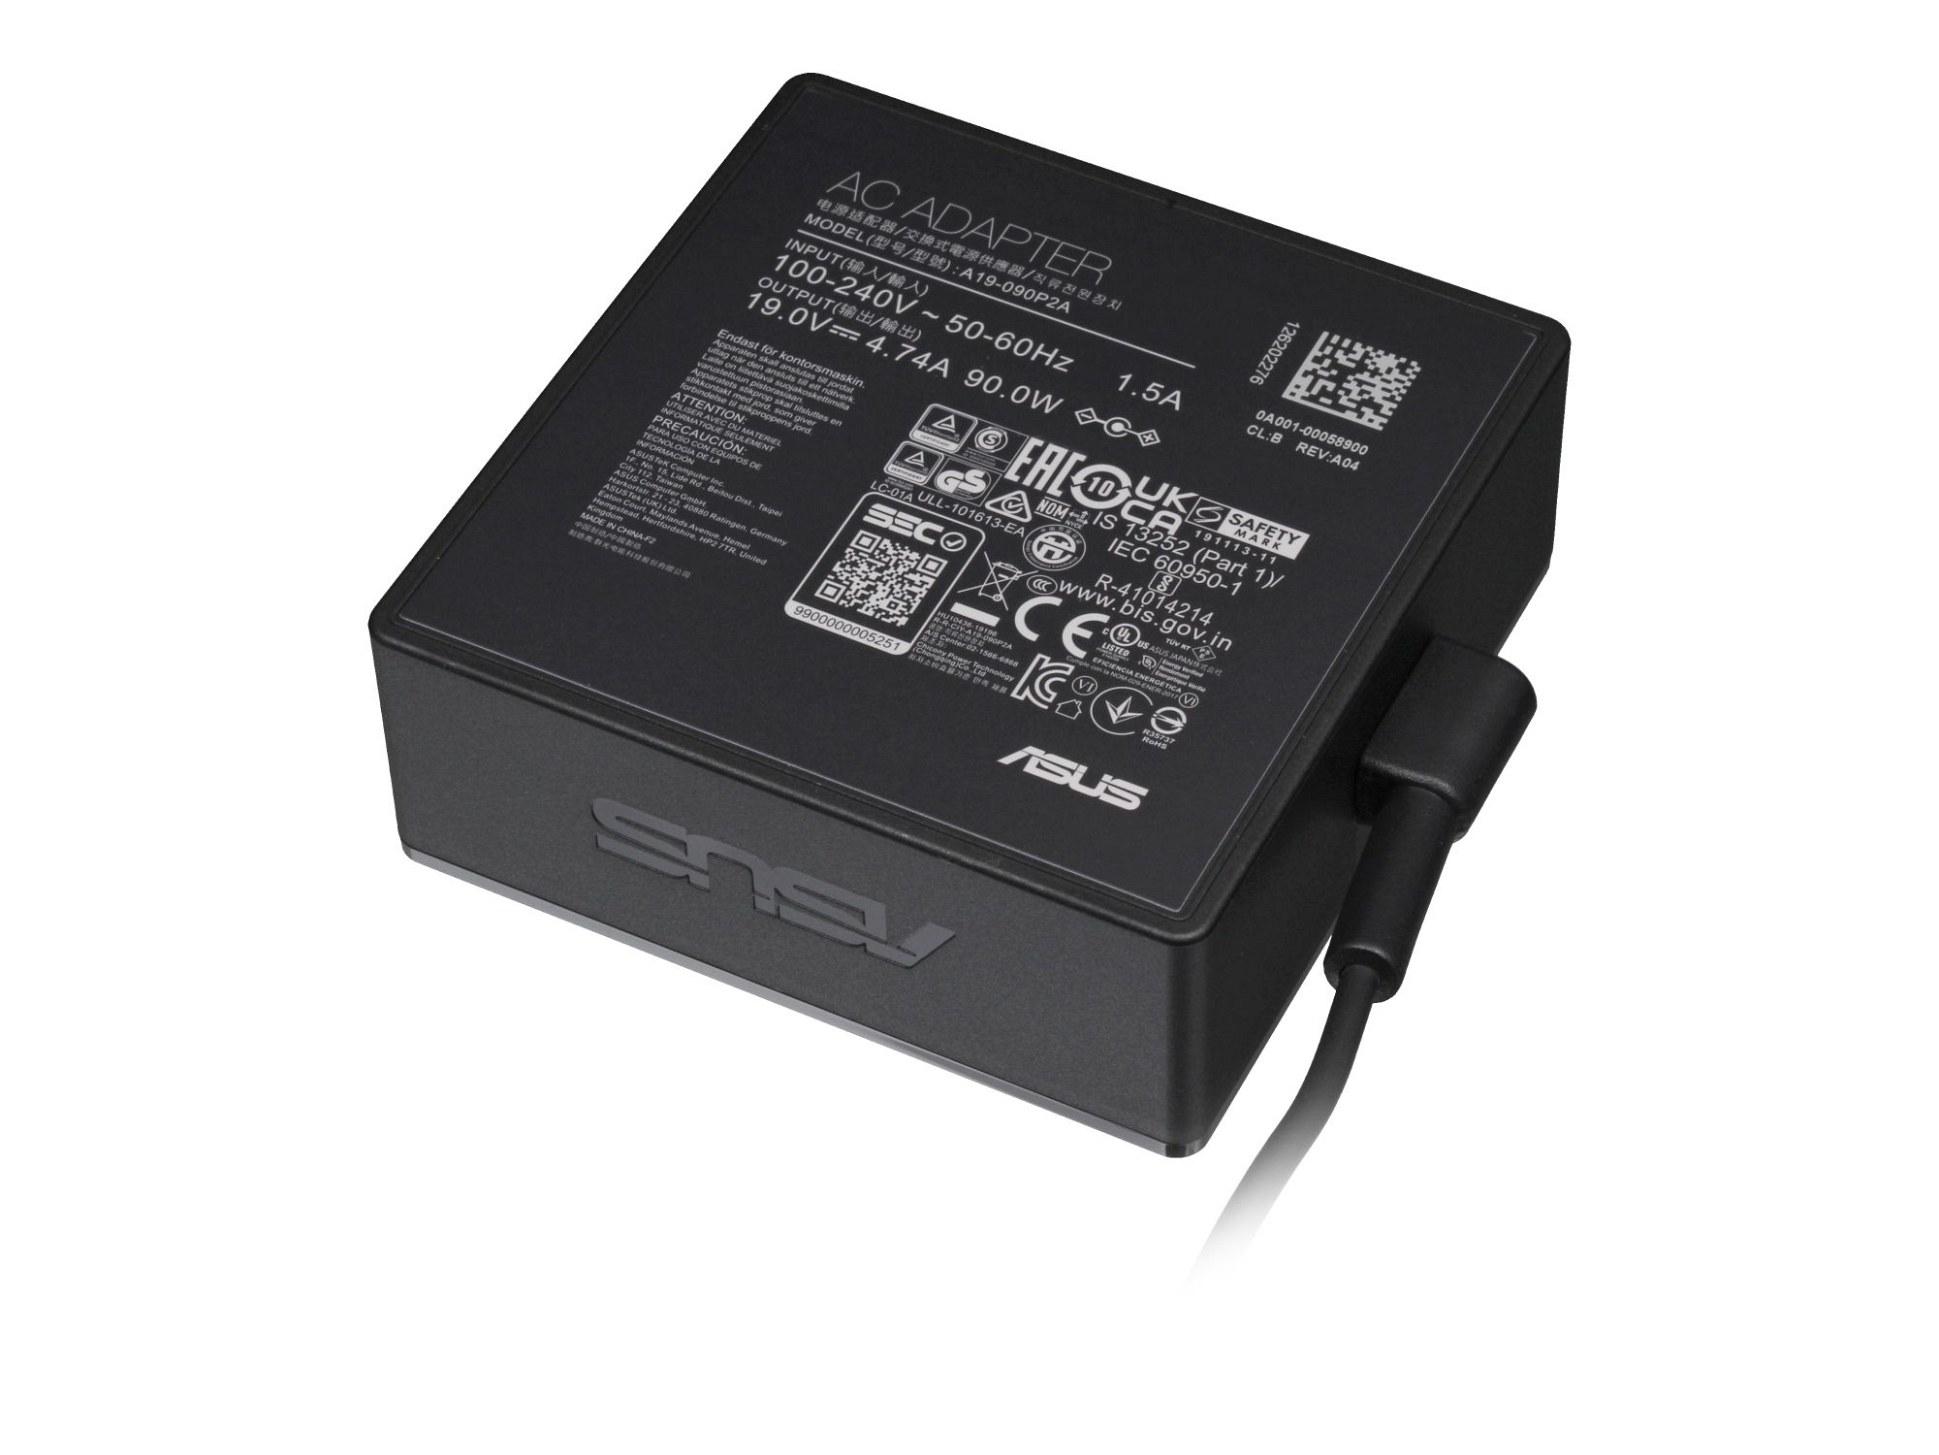 ENERTRONIX EXA1202YH Netzteil 90 Watt - Original